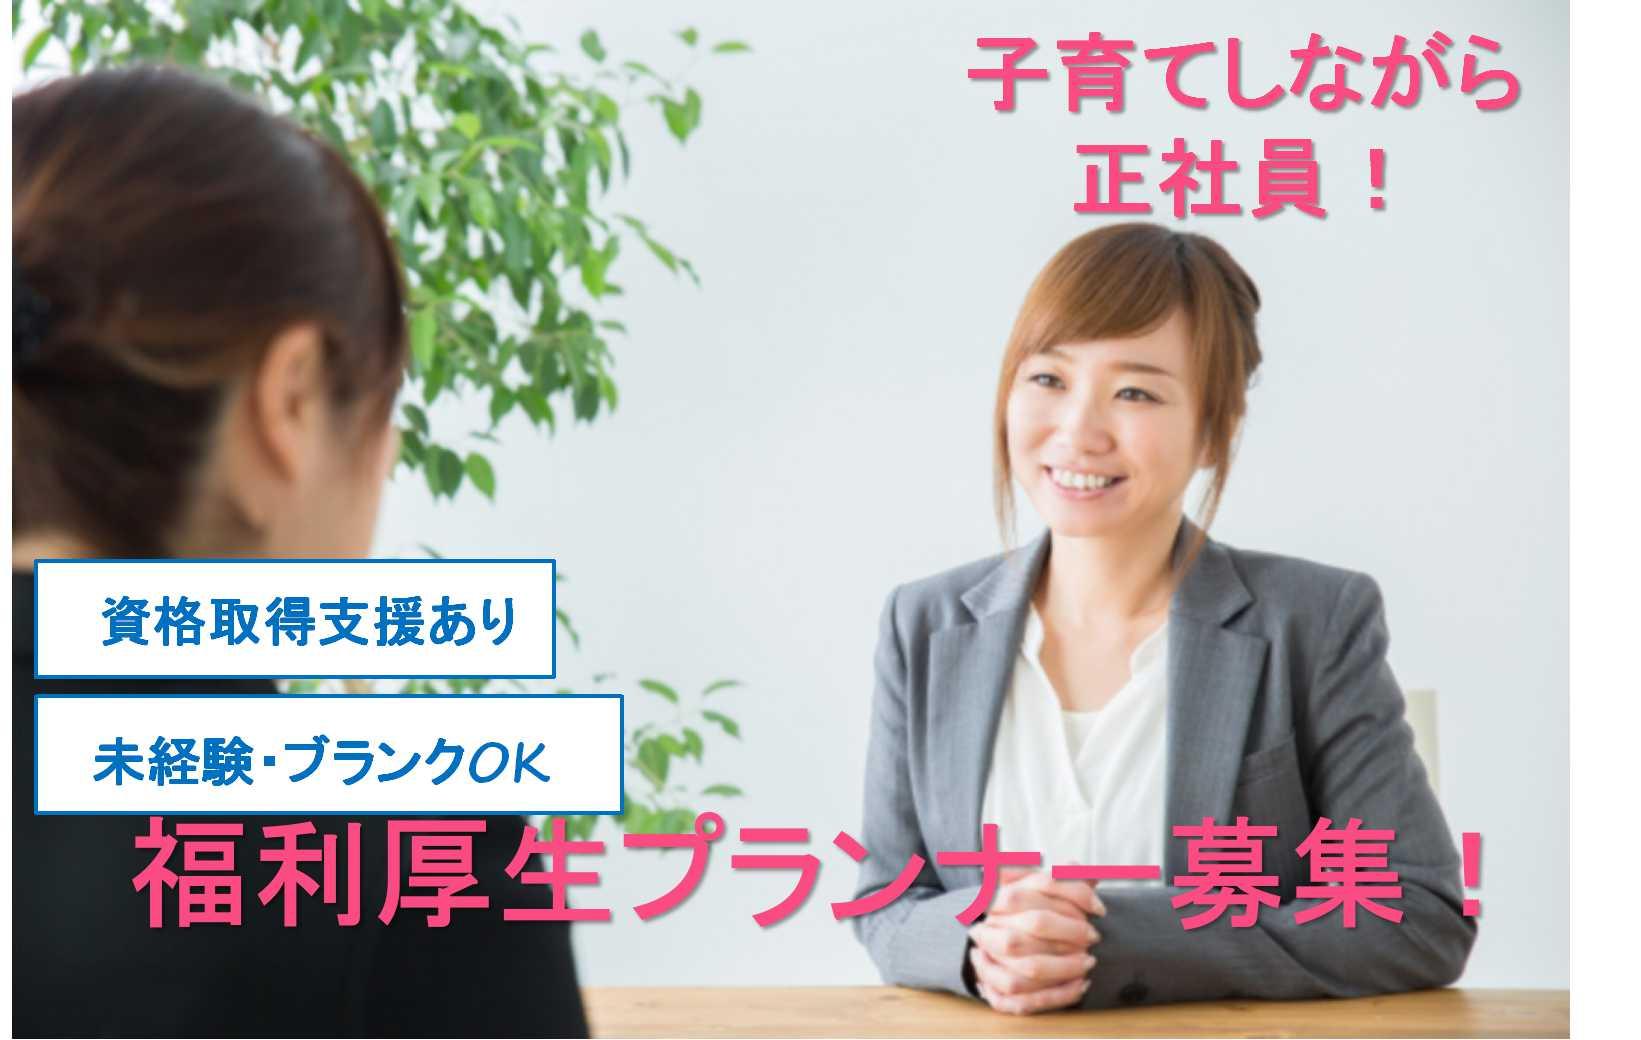 【一宮市】FP資格取得支援あり♪子育てしながら正社員♪福利厚生プランナー【即面談可能】 イメージ